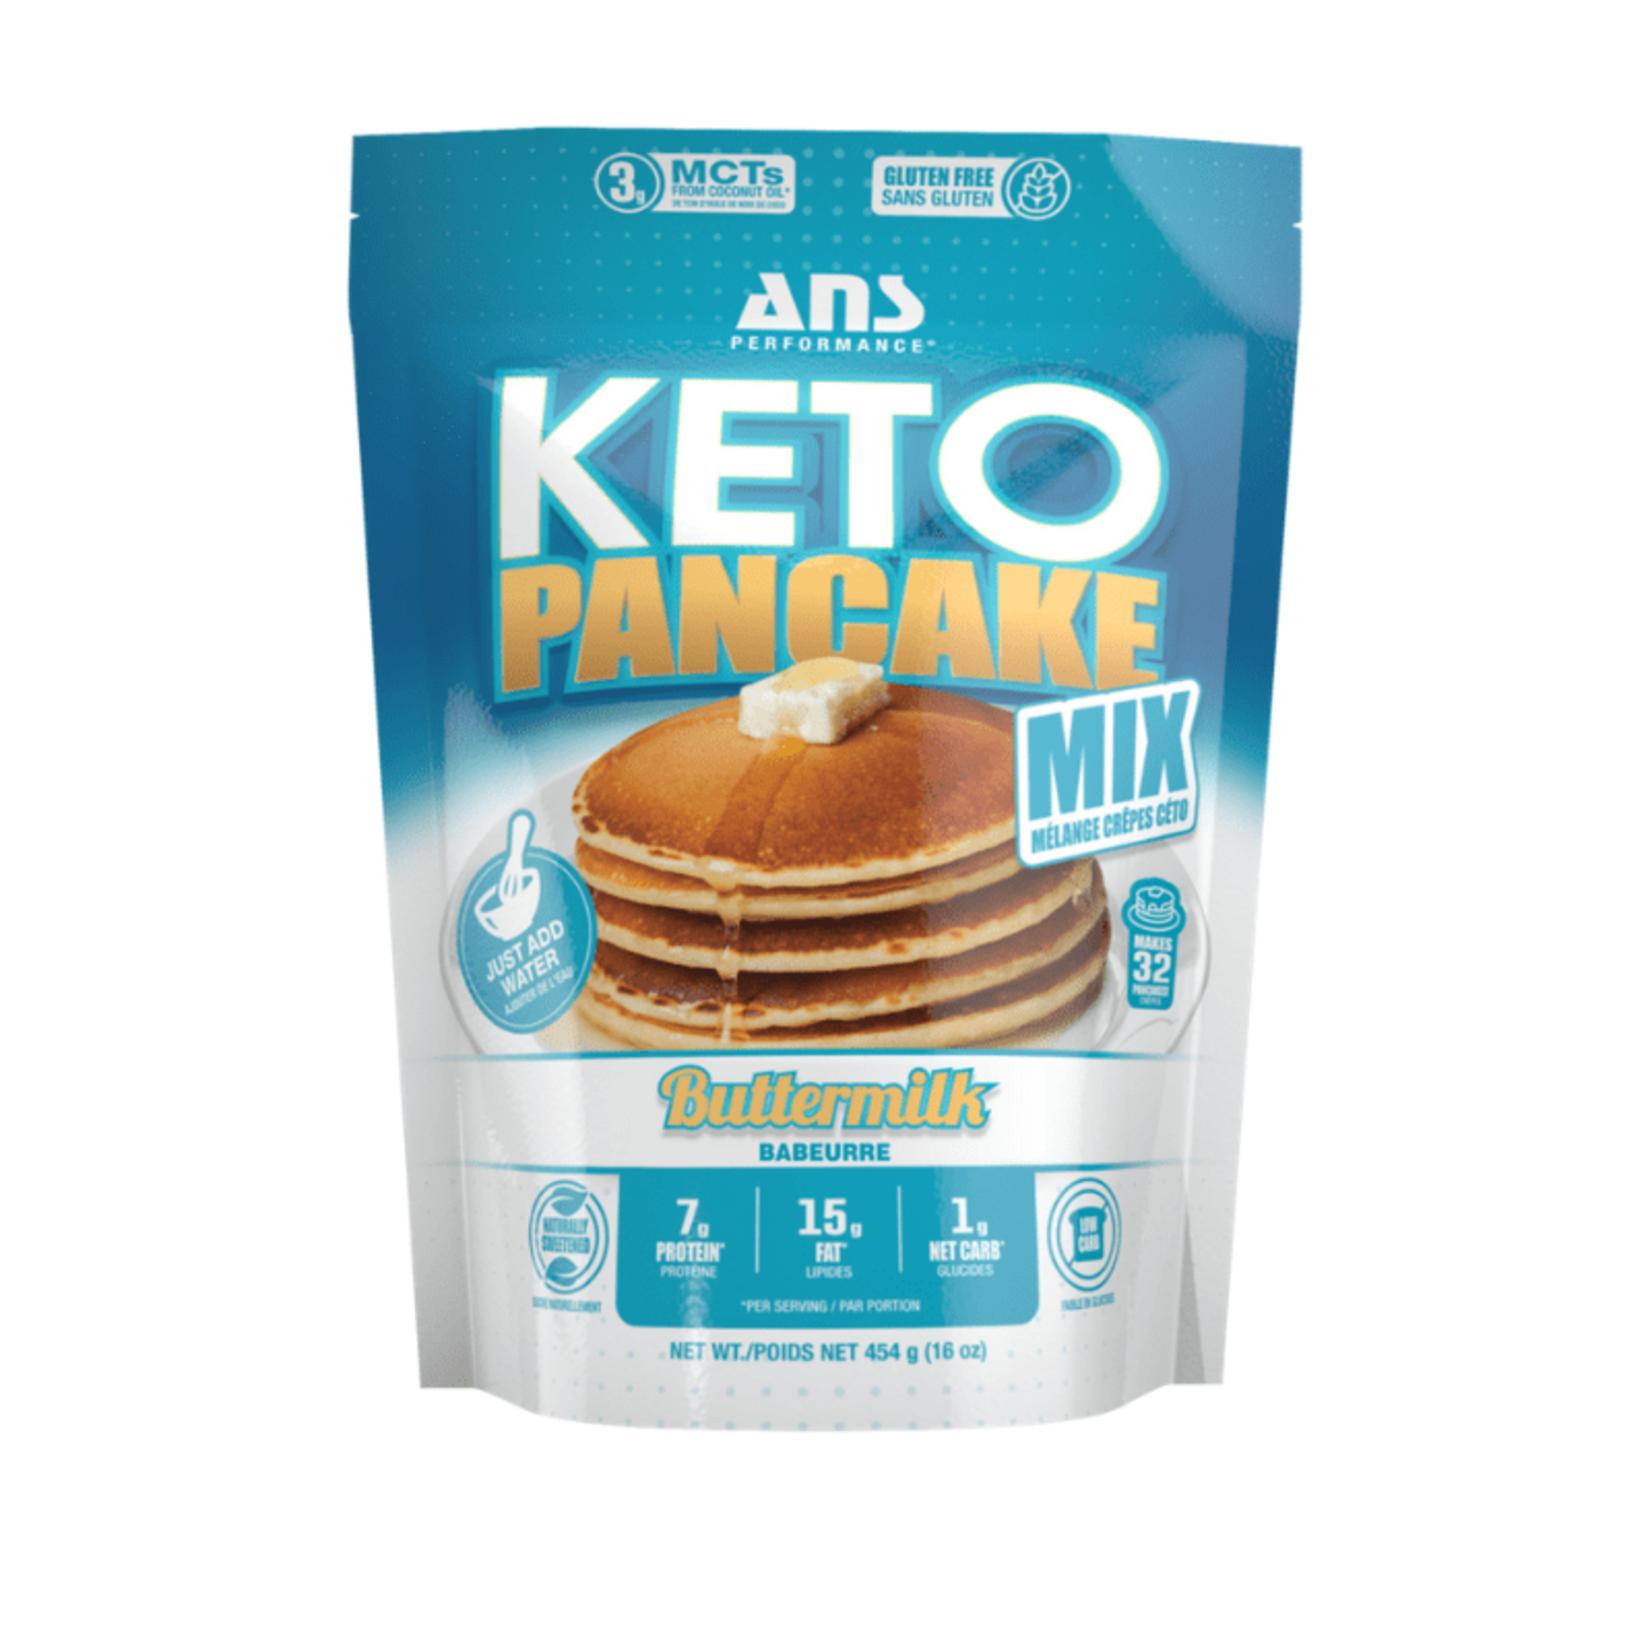 ANS ANS Keto Pancake Mix Buttermilk 454g